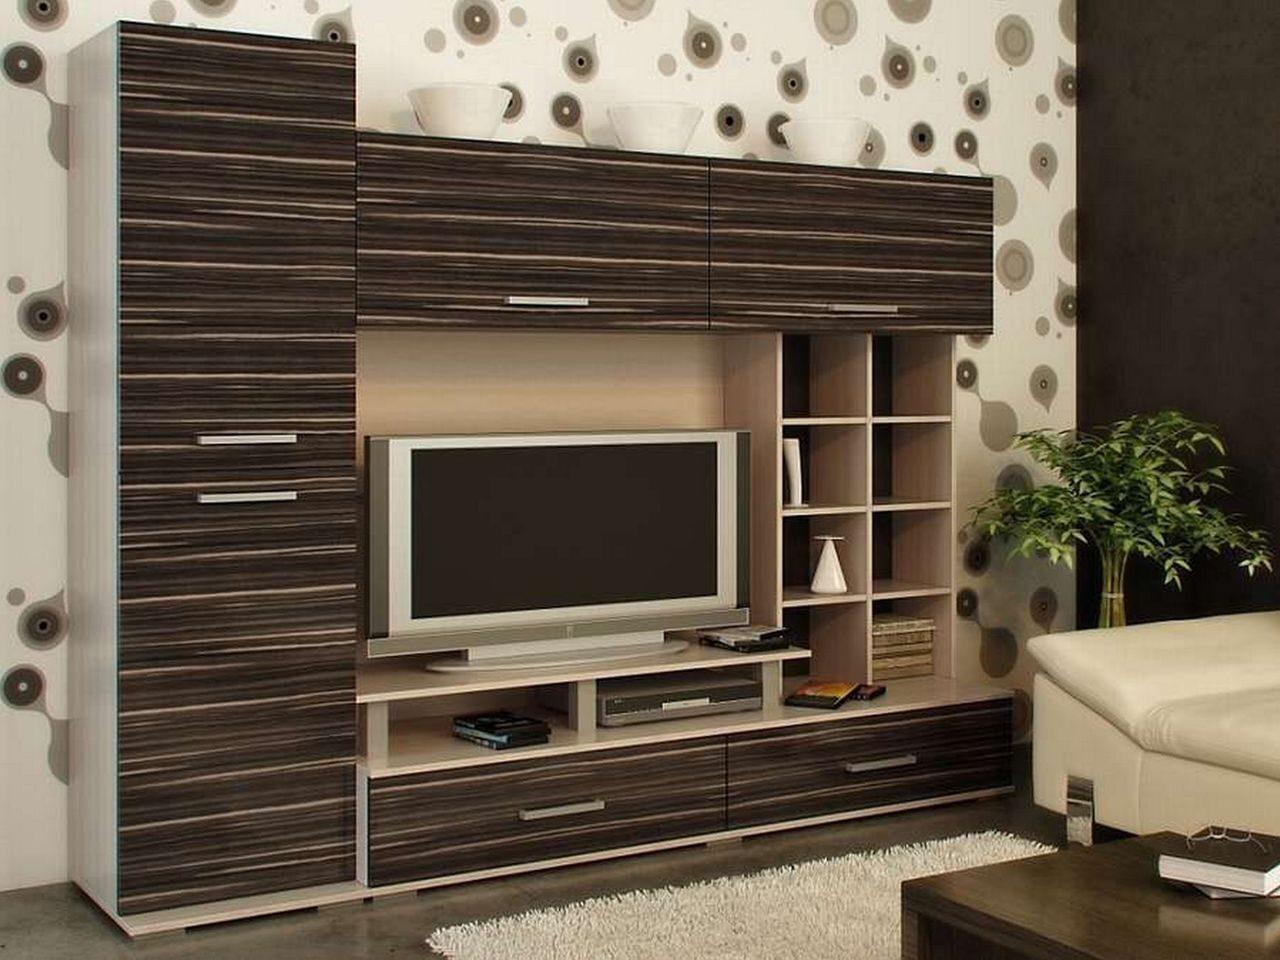 Купить стенку в Ярославле на заказ в гостиную по инвидуально.